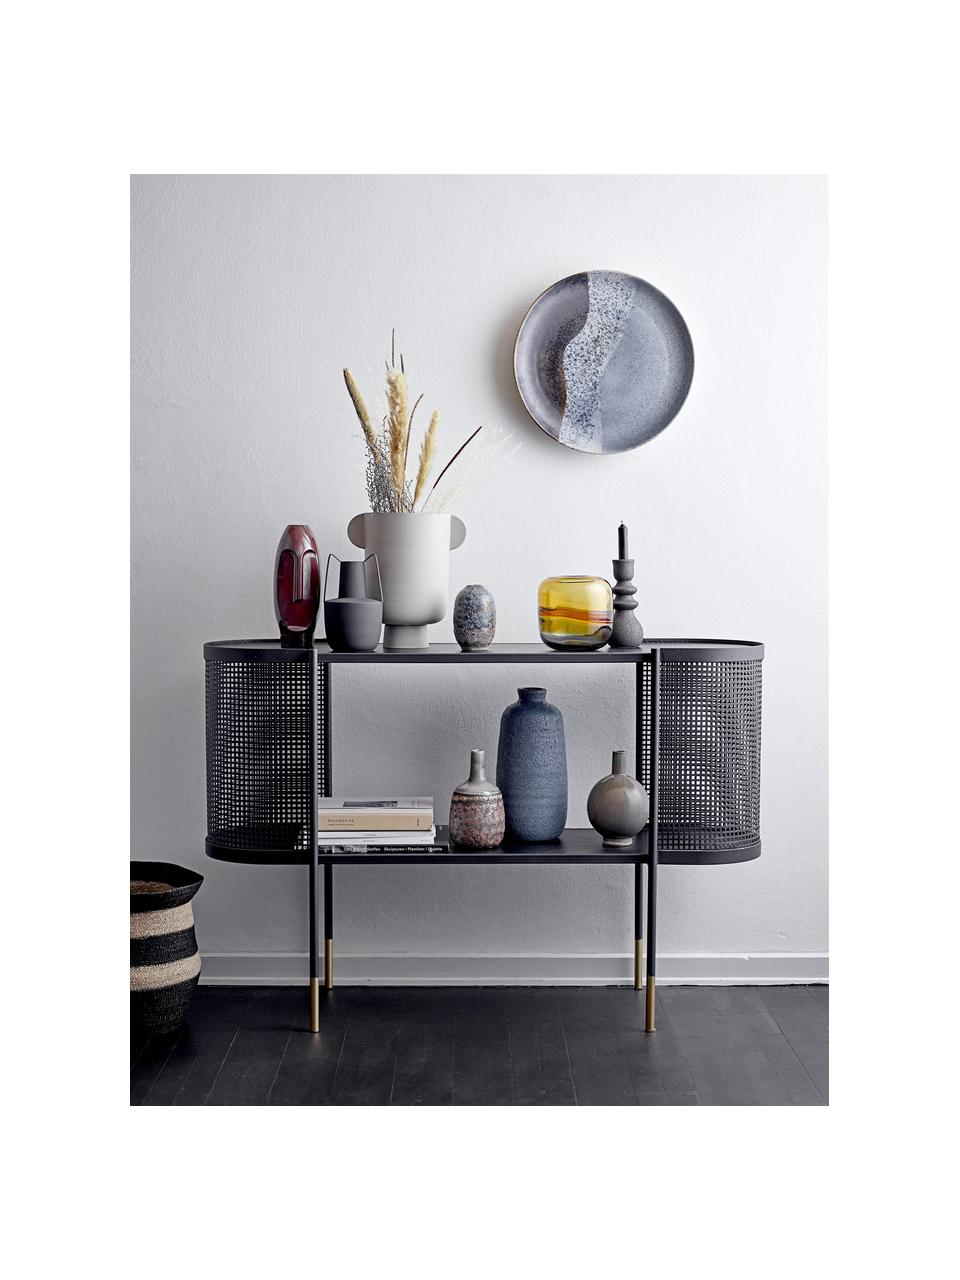 Metall-Konsole Midou in Schwarz, Gestell: Metall, beschichtet, Schwarz, Messingfarben, B 120 x T 36 cm